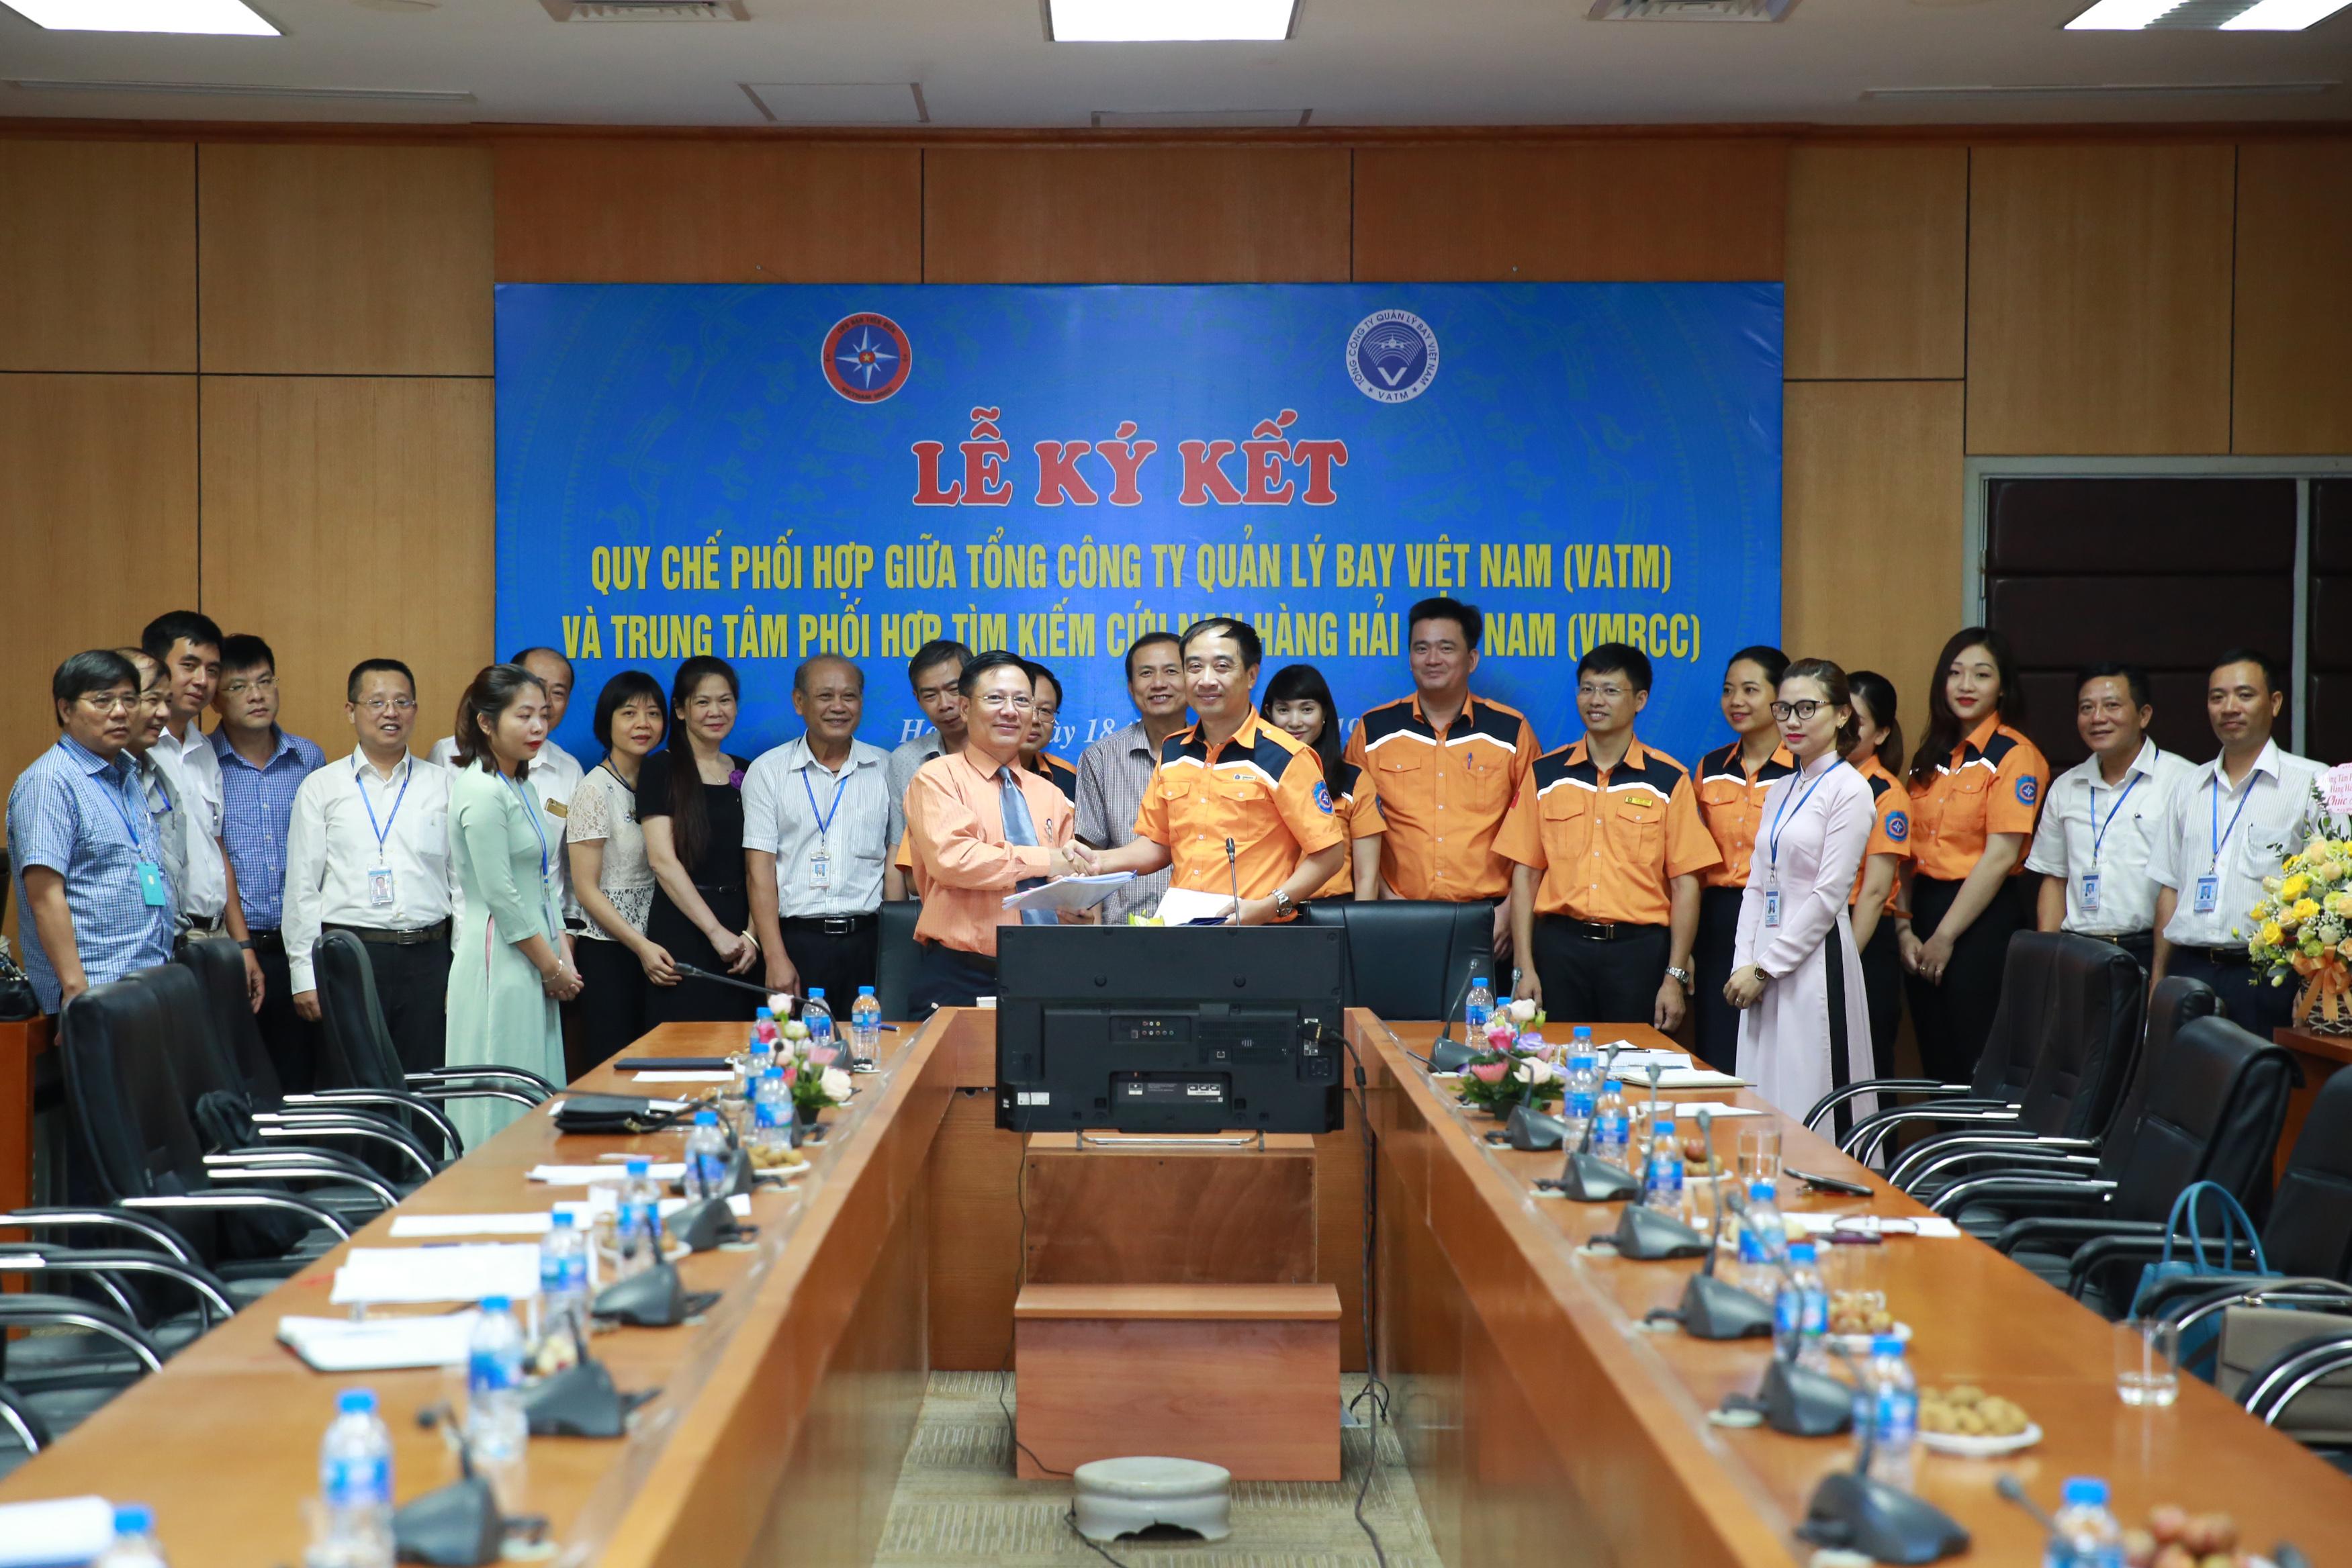 VATM và VMRCC ký kết Quy chế phối hợp Tìm kiếm cứu nạn tàu bay lâm nạn trên biển